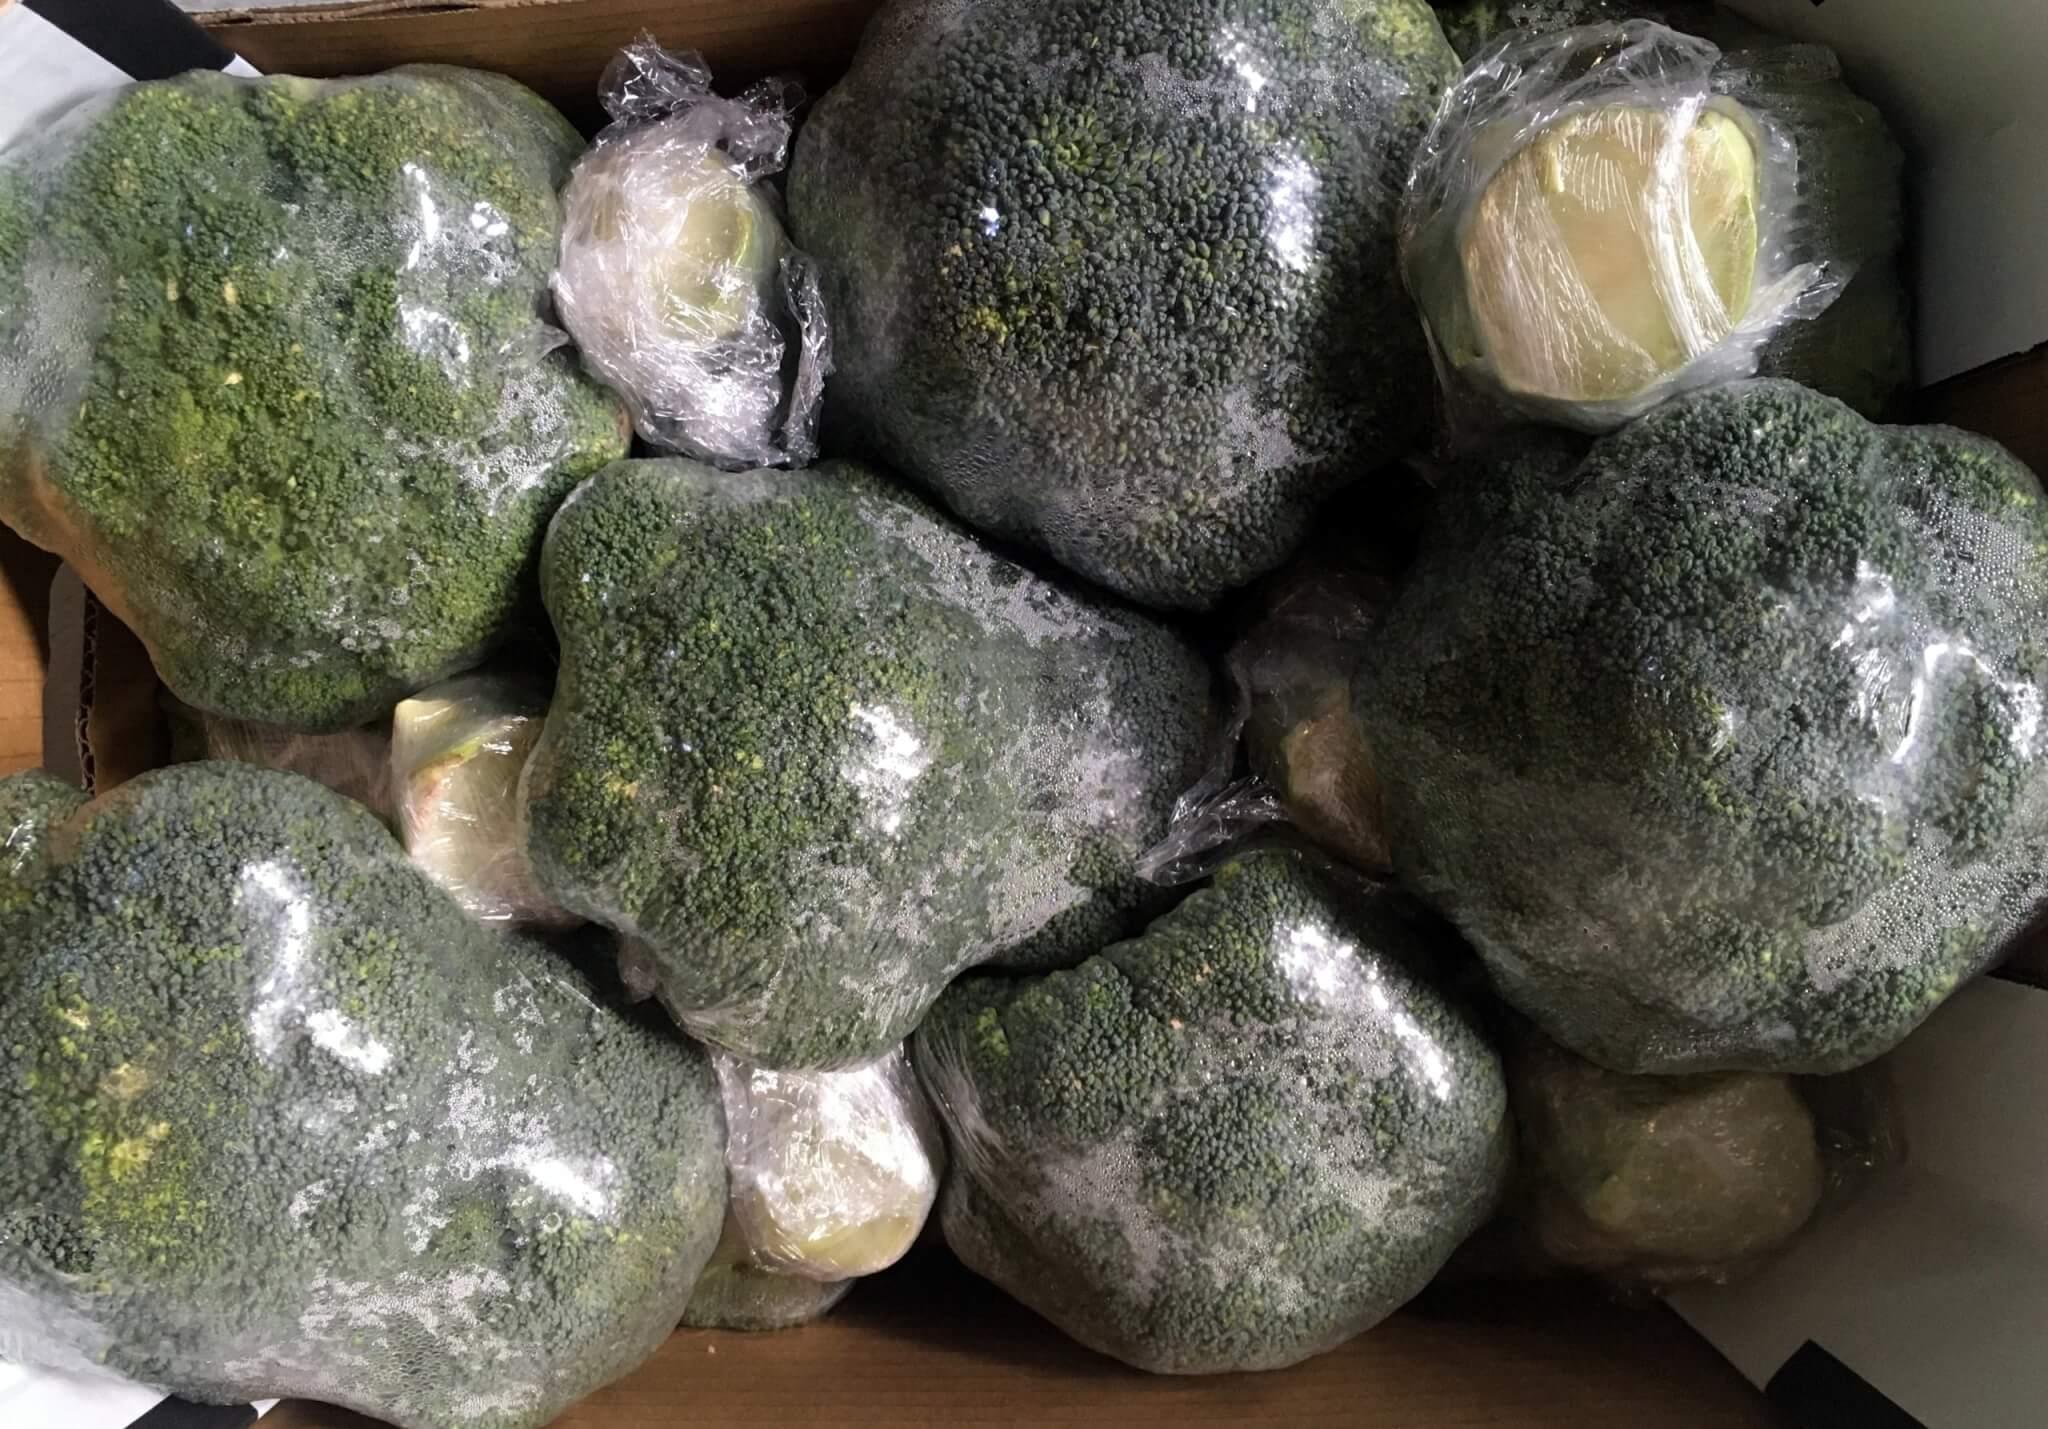 Fruitbedrijf Van den Berge: broccoli